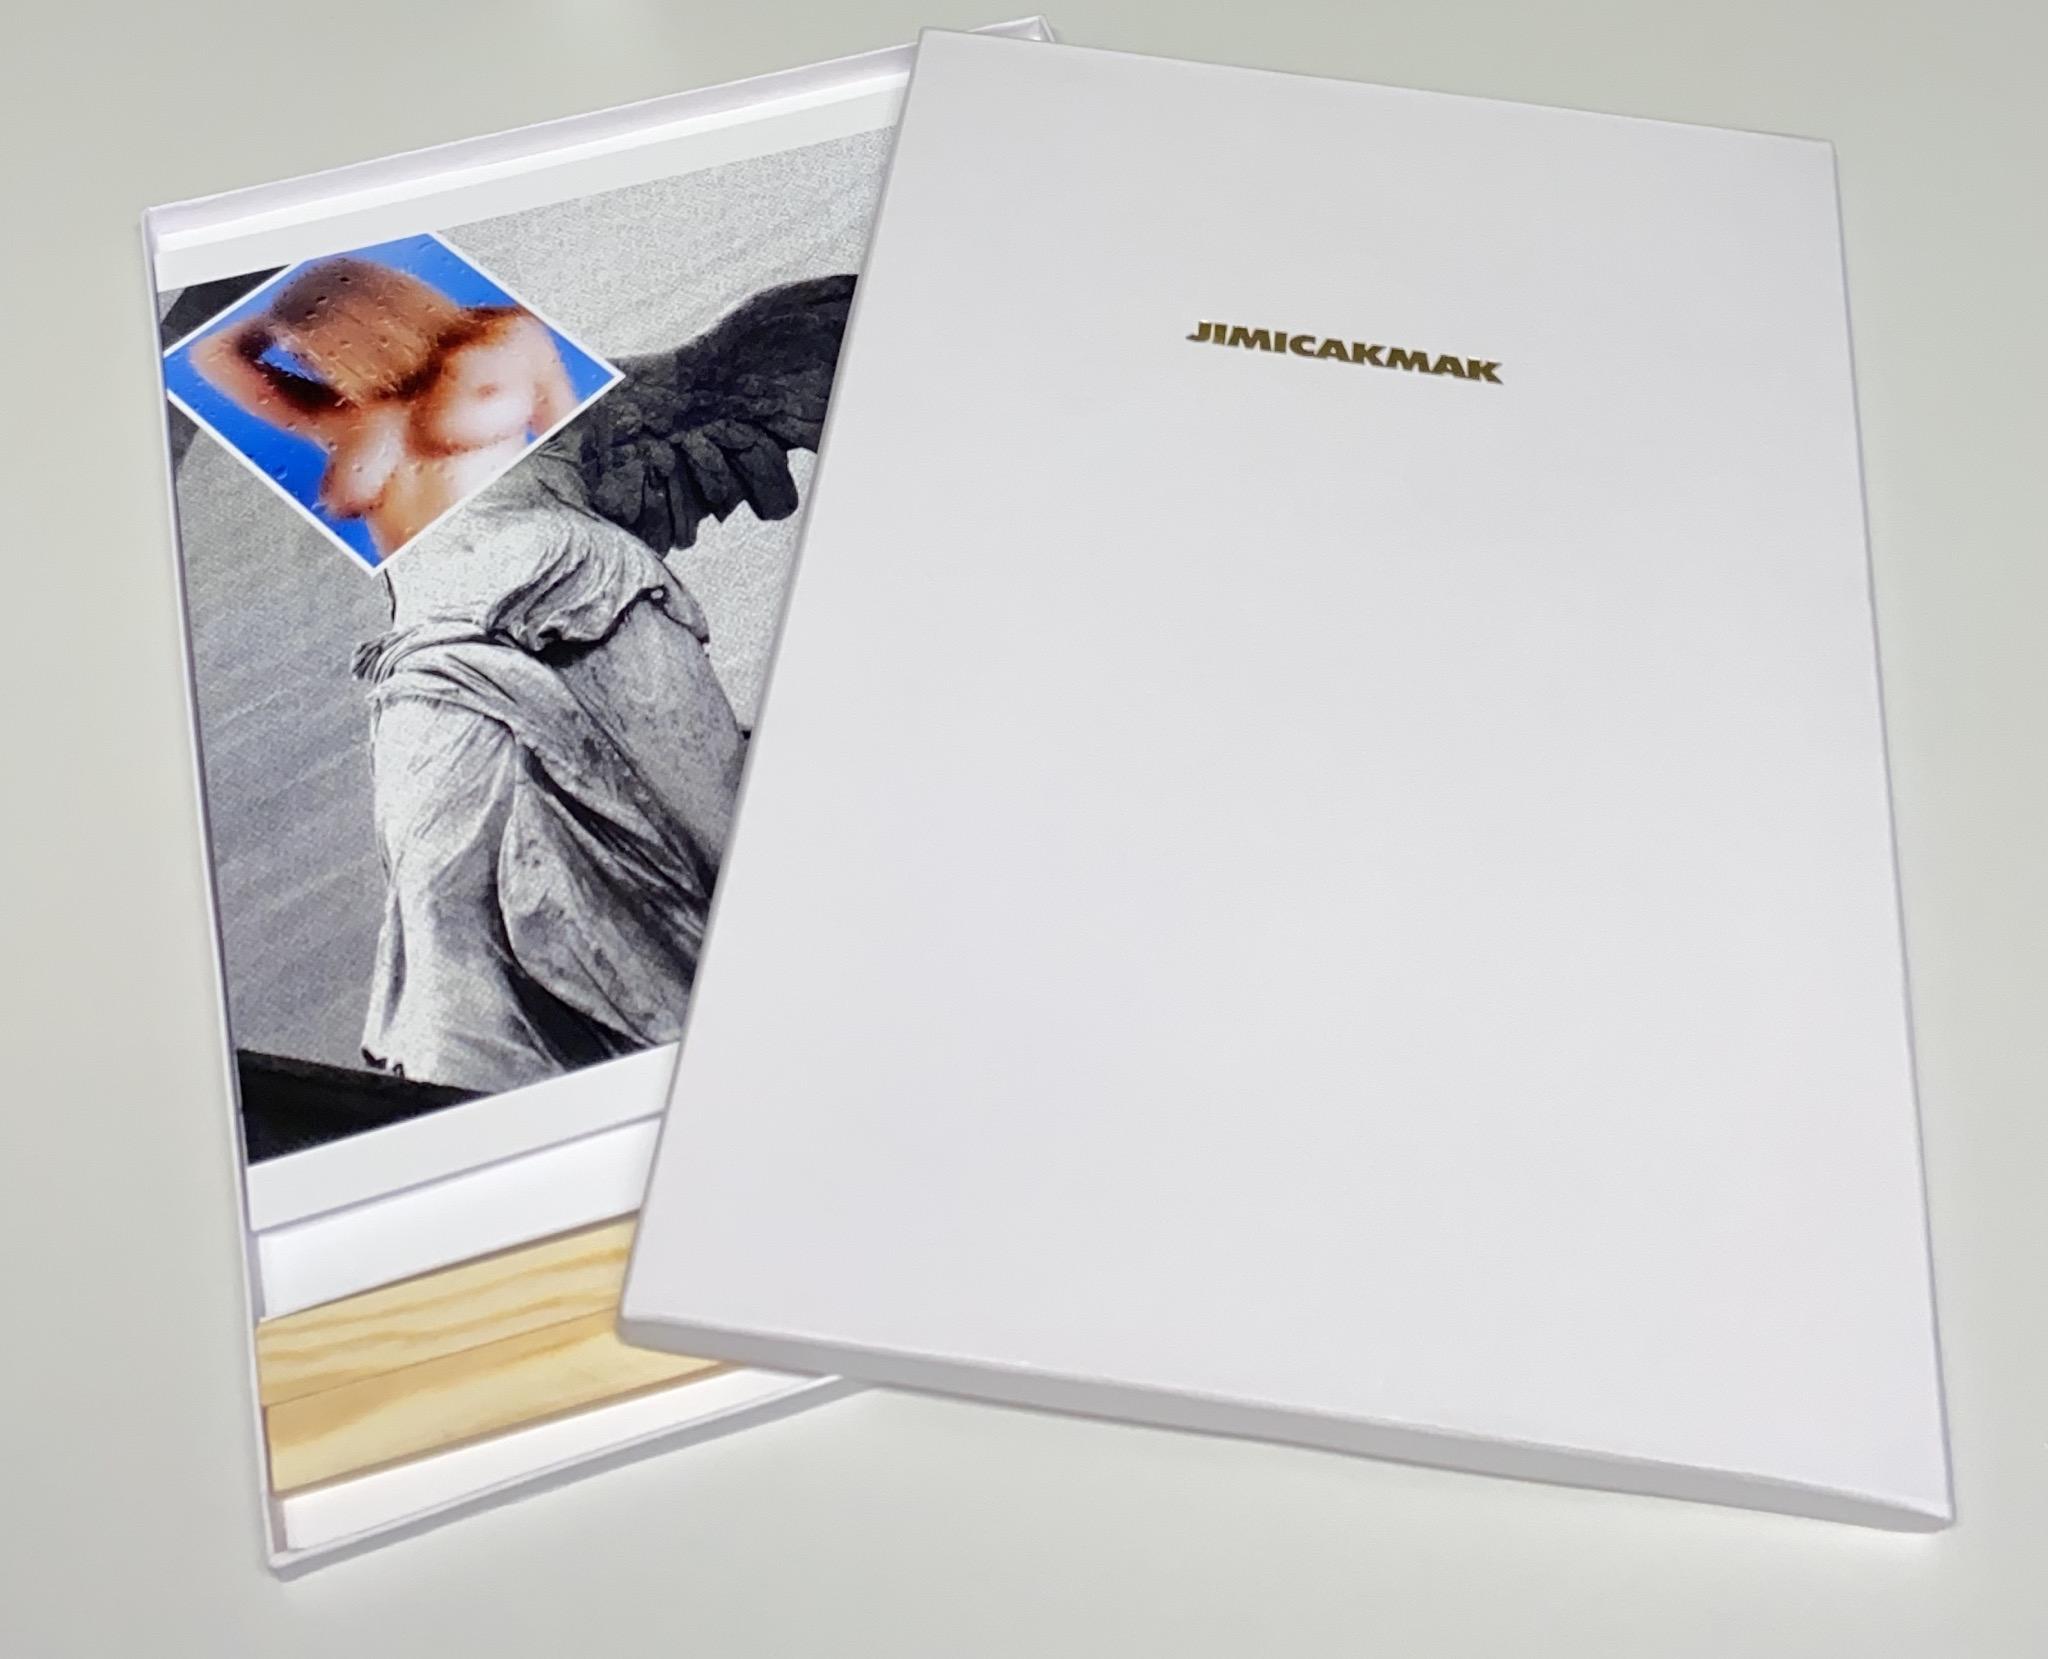 Künstlerbox - Jimi Cakmak